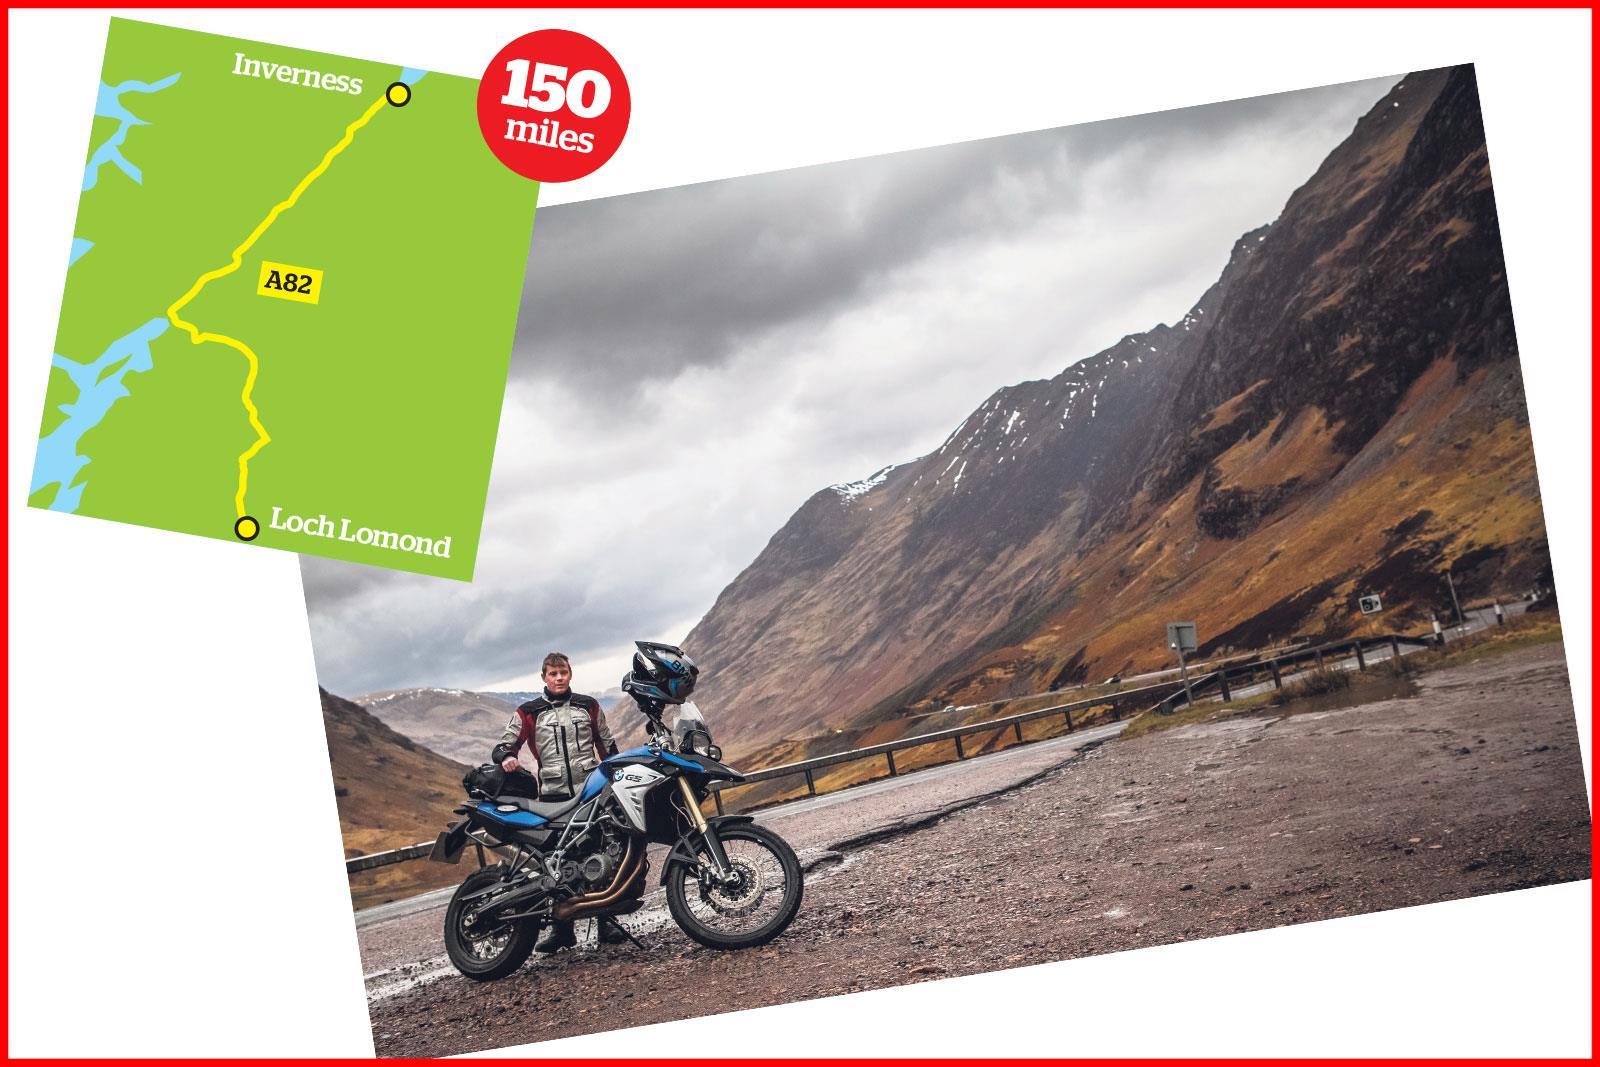 Loch Lomond to Inverness A82 ride in Scotland